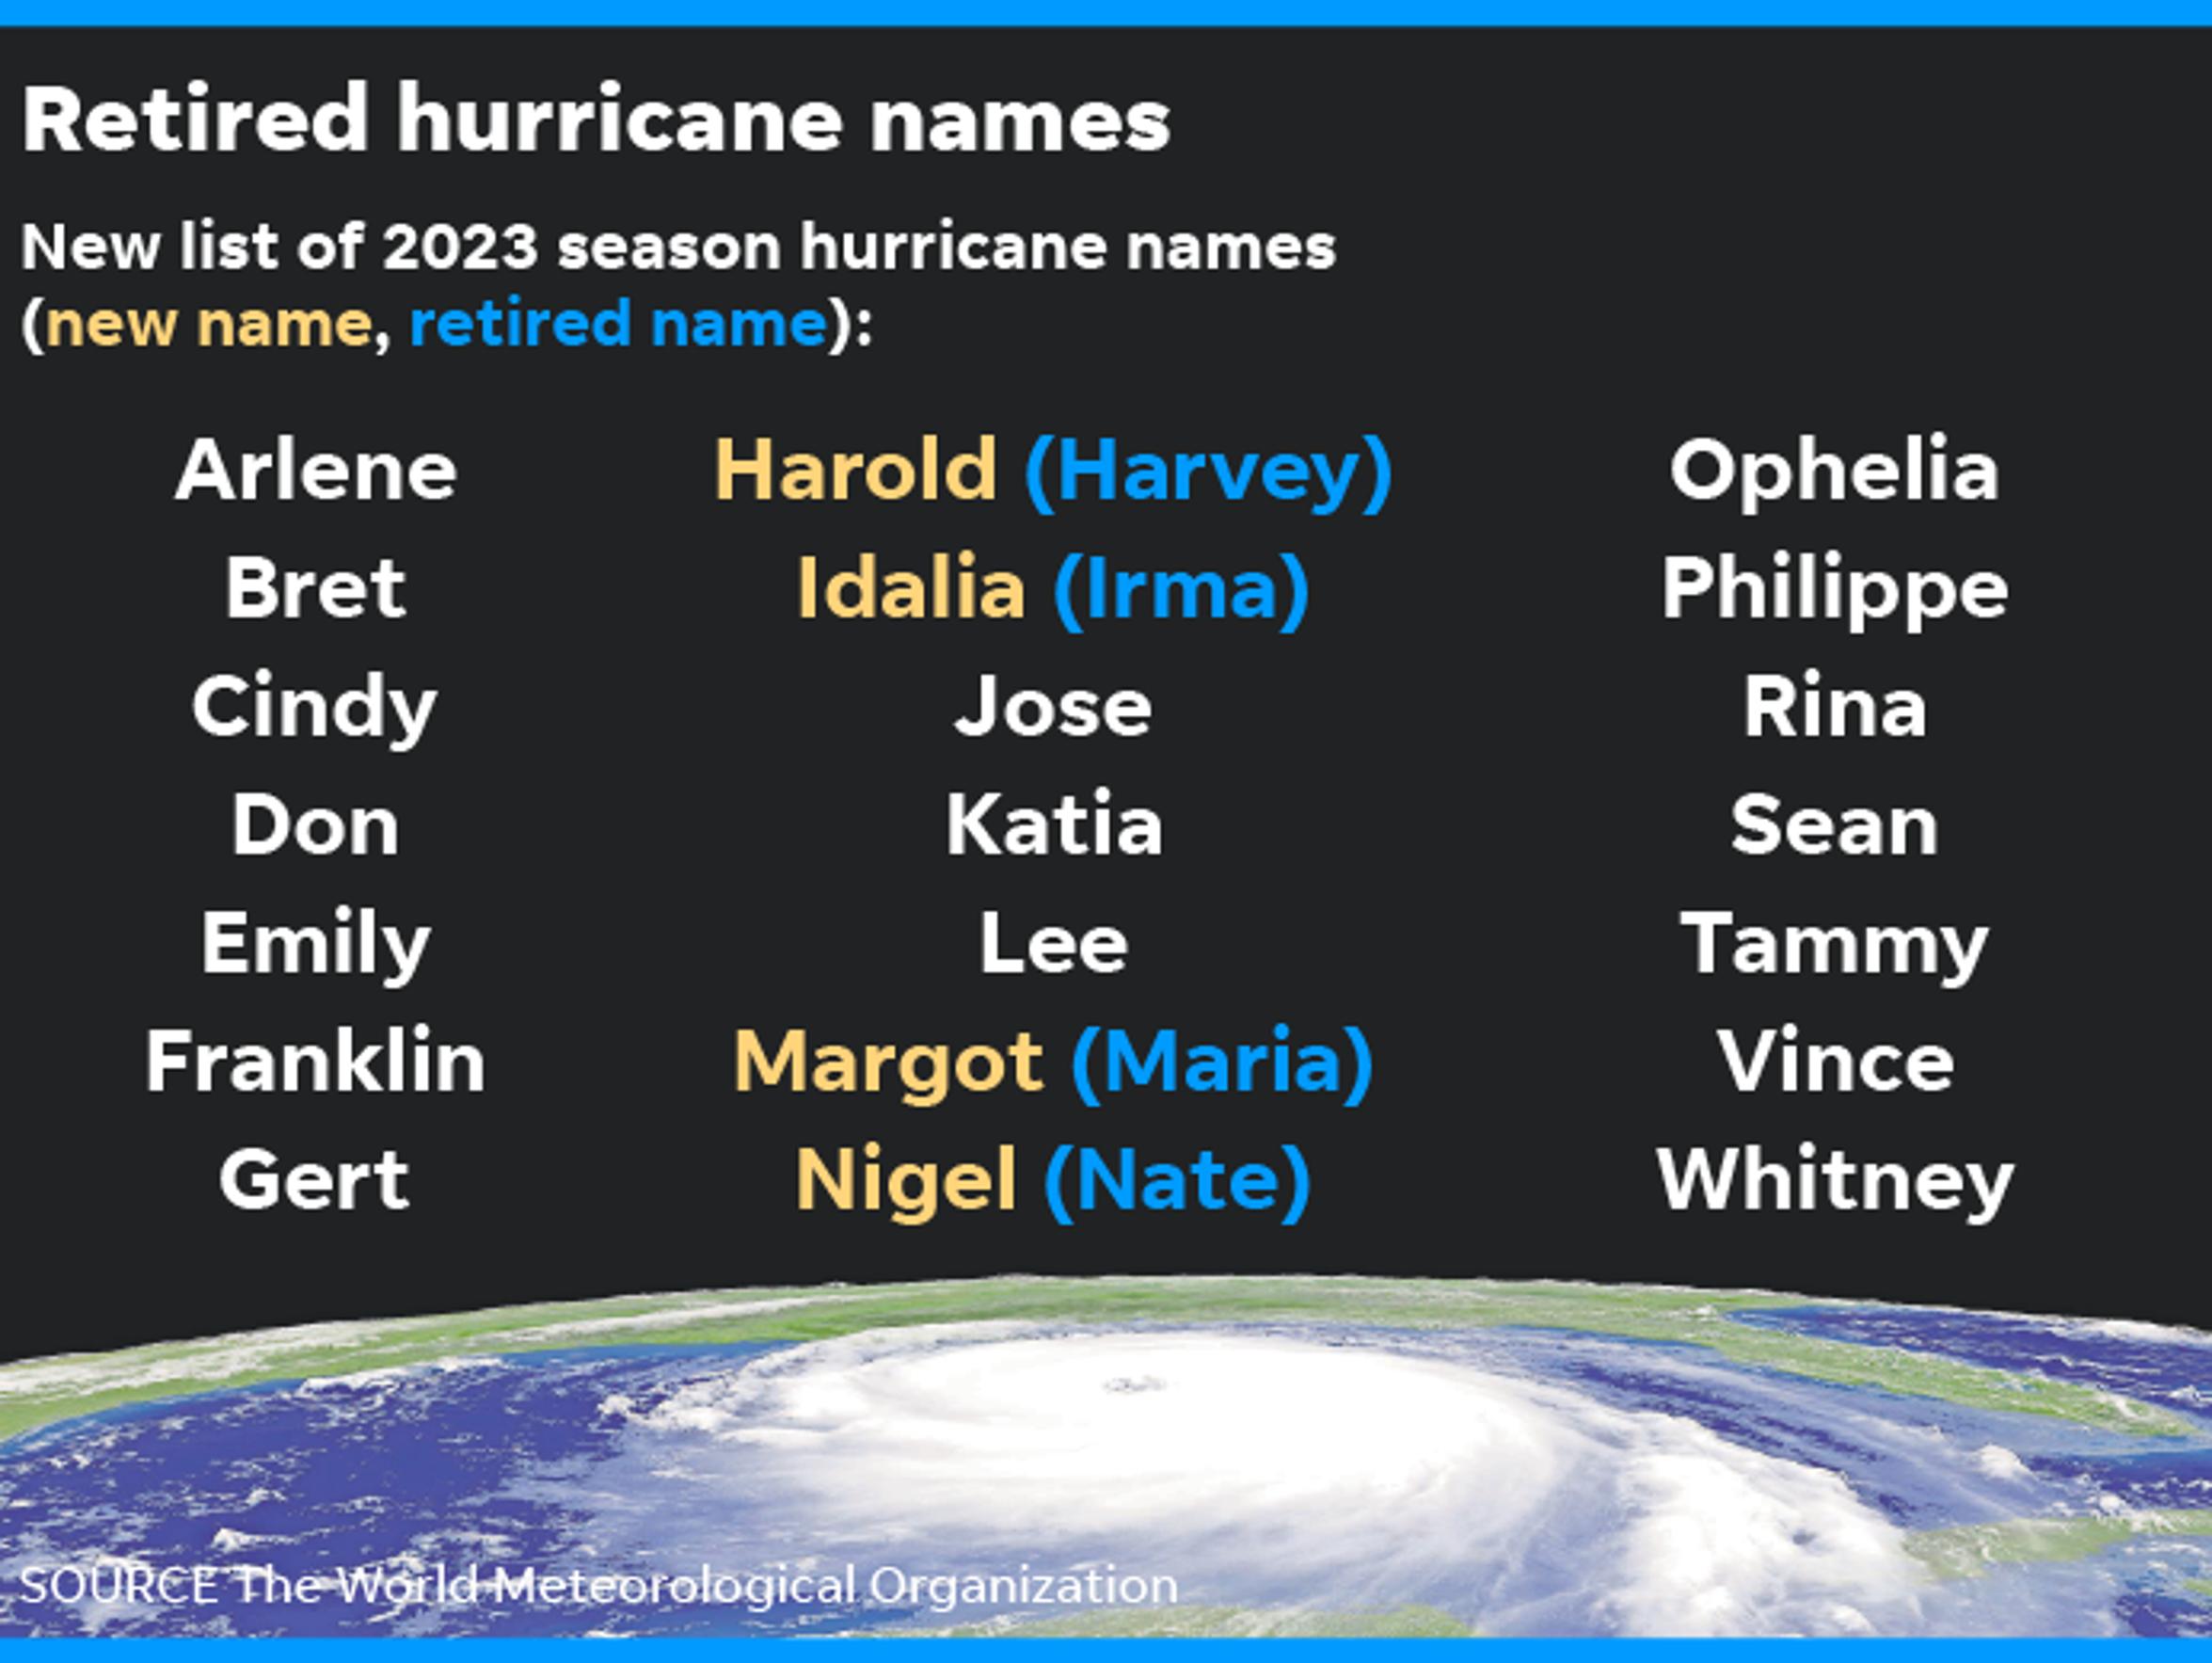 041218-retired-hurricane-names_Online